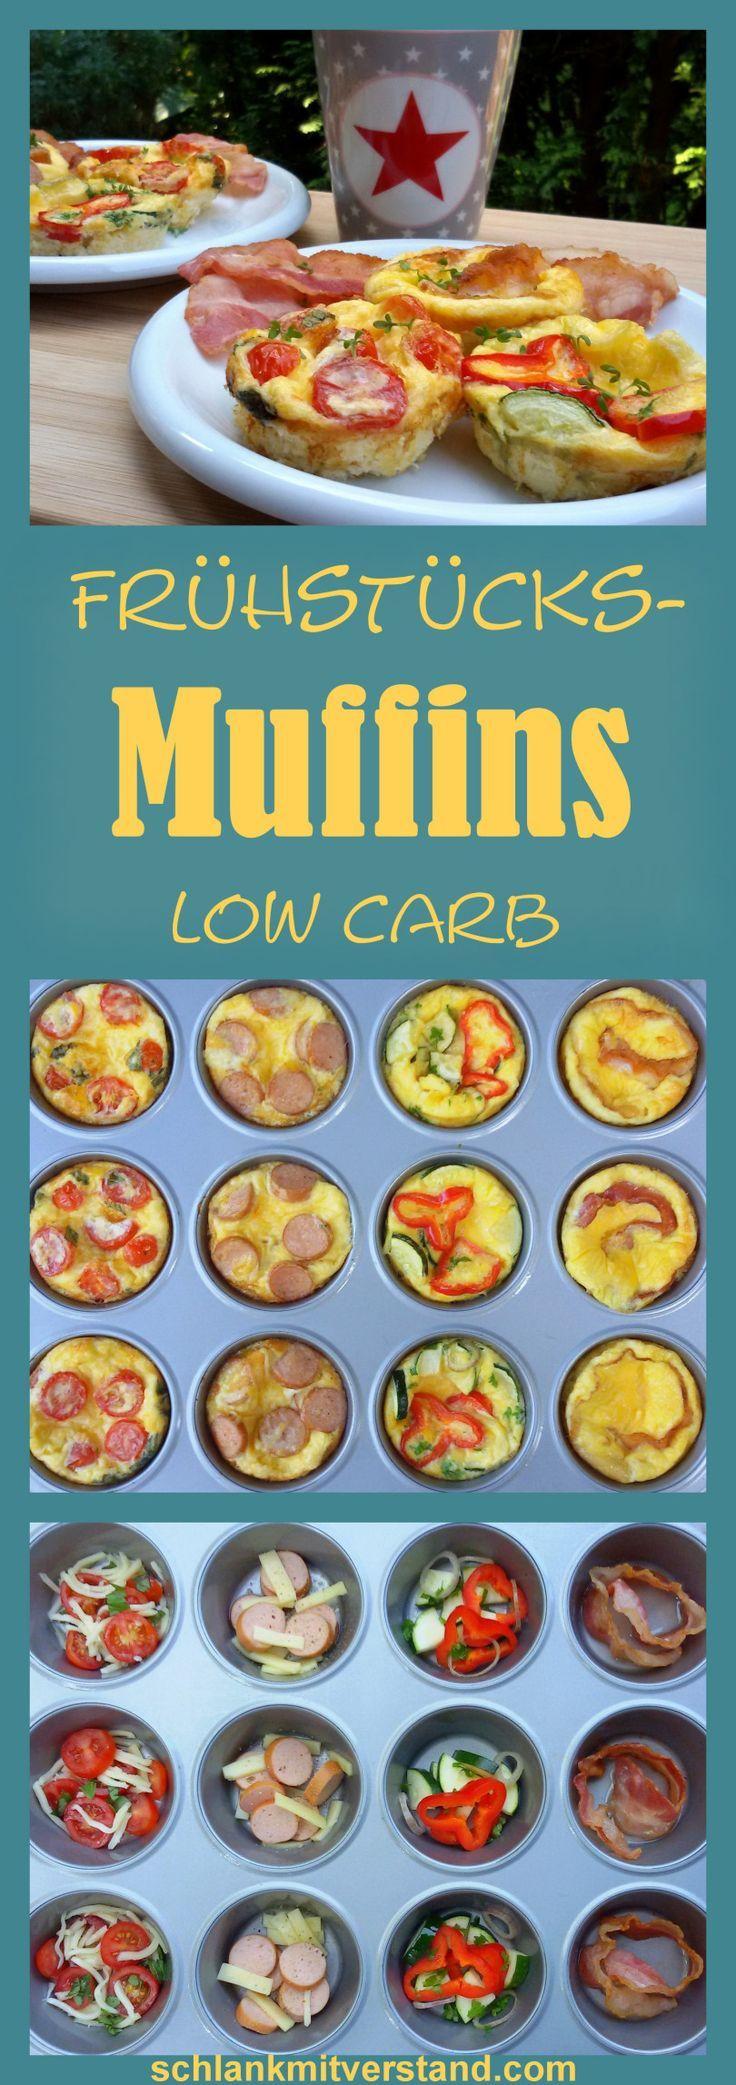 Frühstücksmuffins mit Ei Low Carb – Frühstück für die Familie